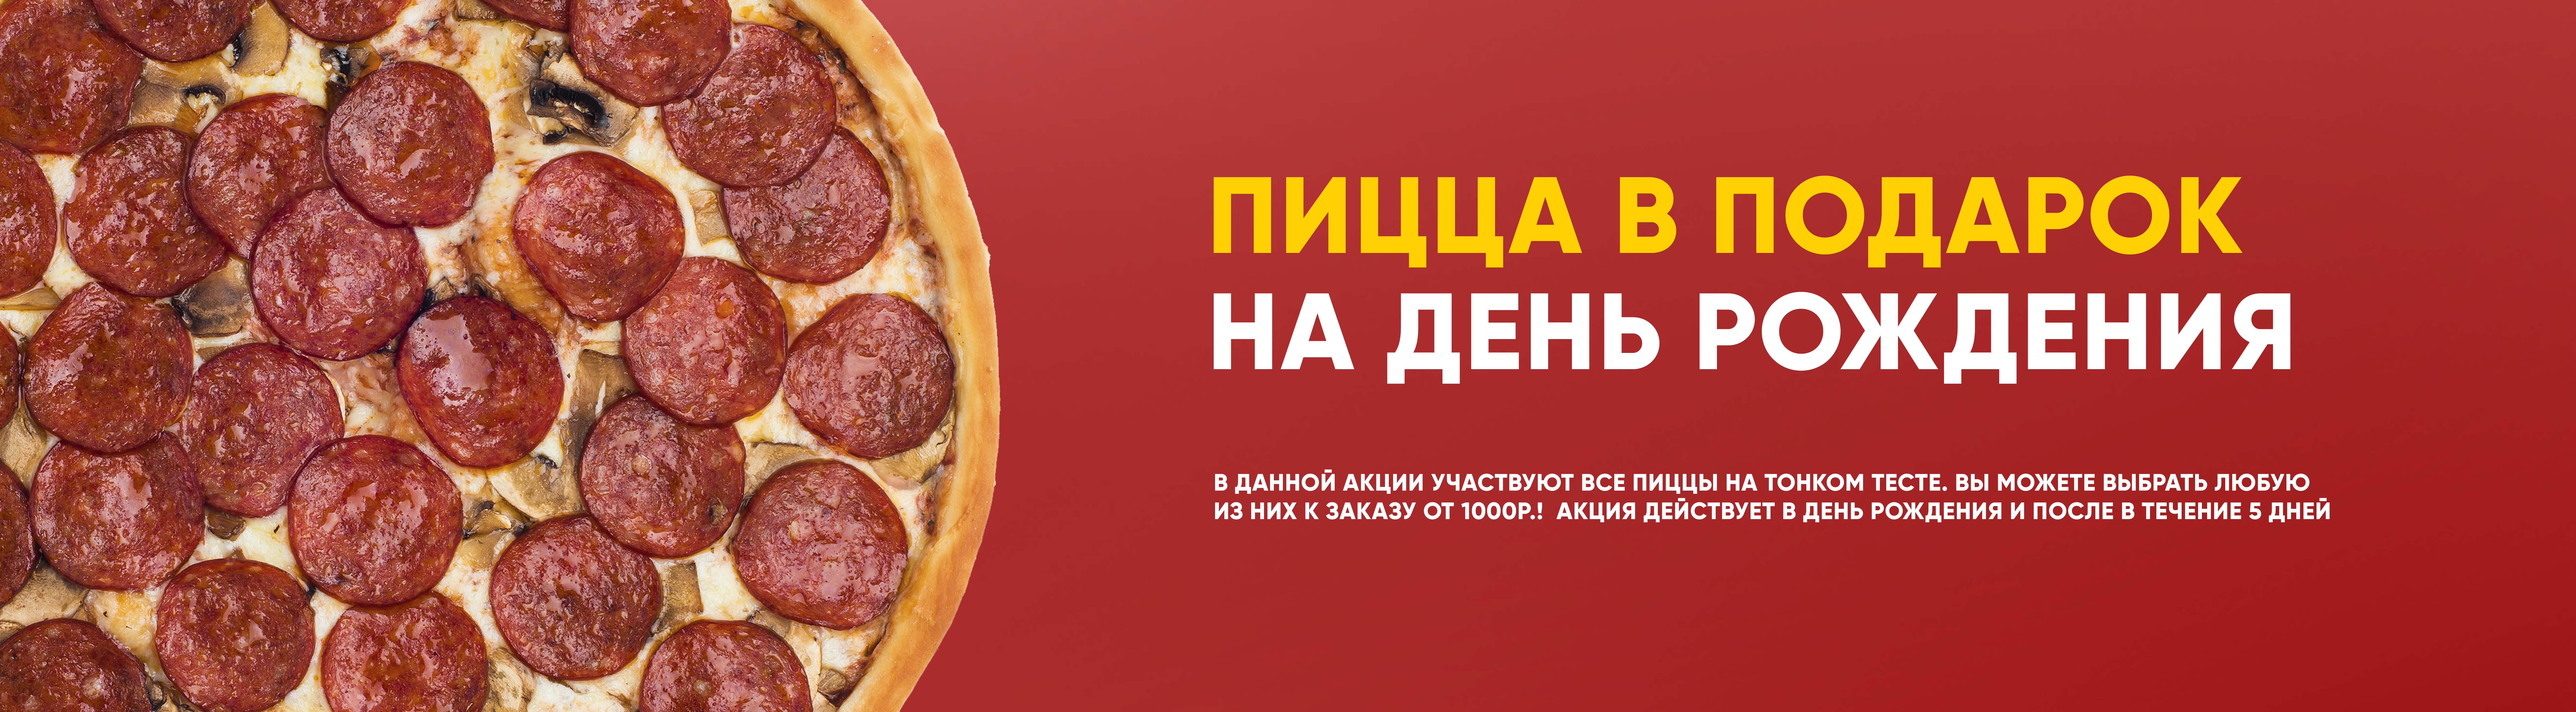 Архангельск вторая пицца в подарок 13